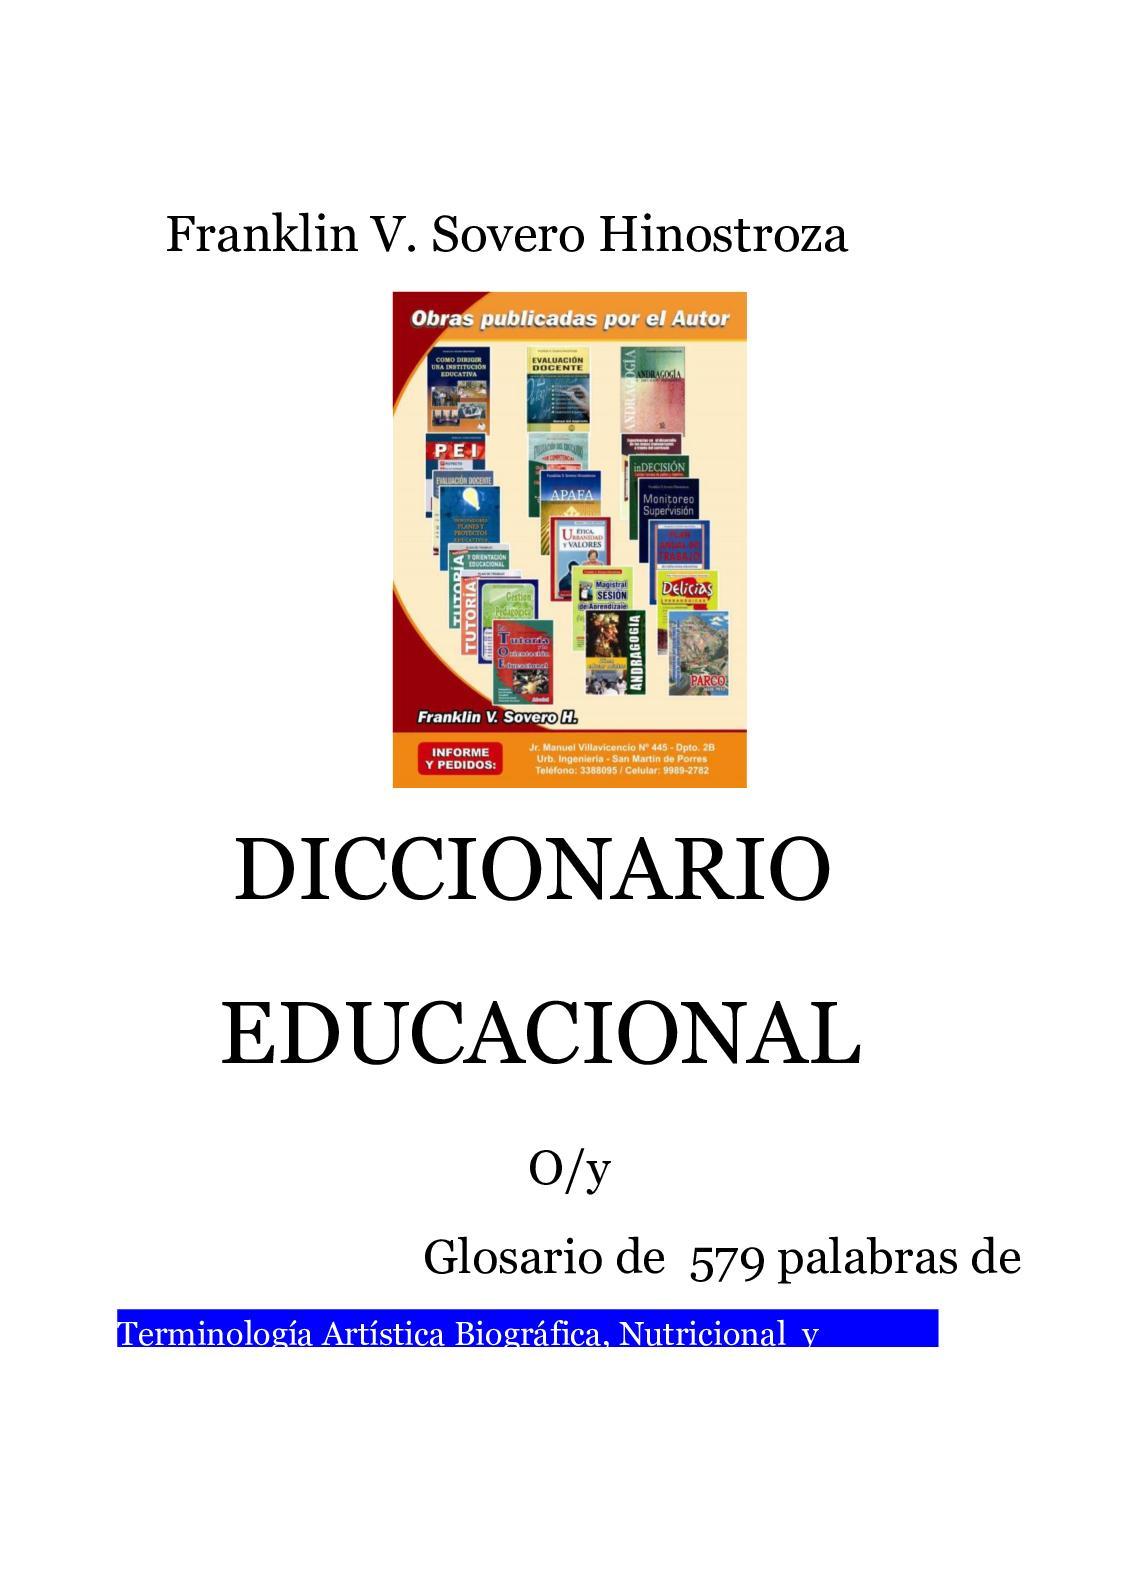 diccionario de definición de diabetes tipo 2 acorde